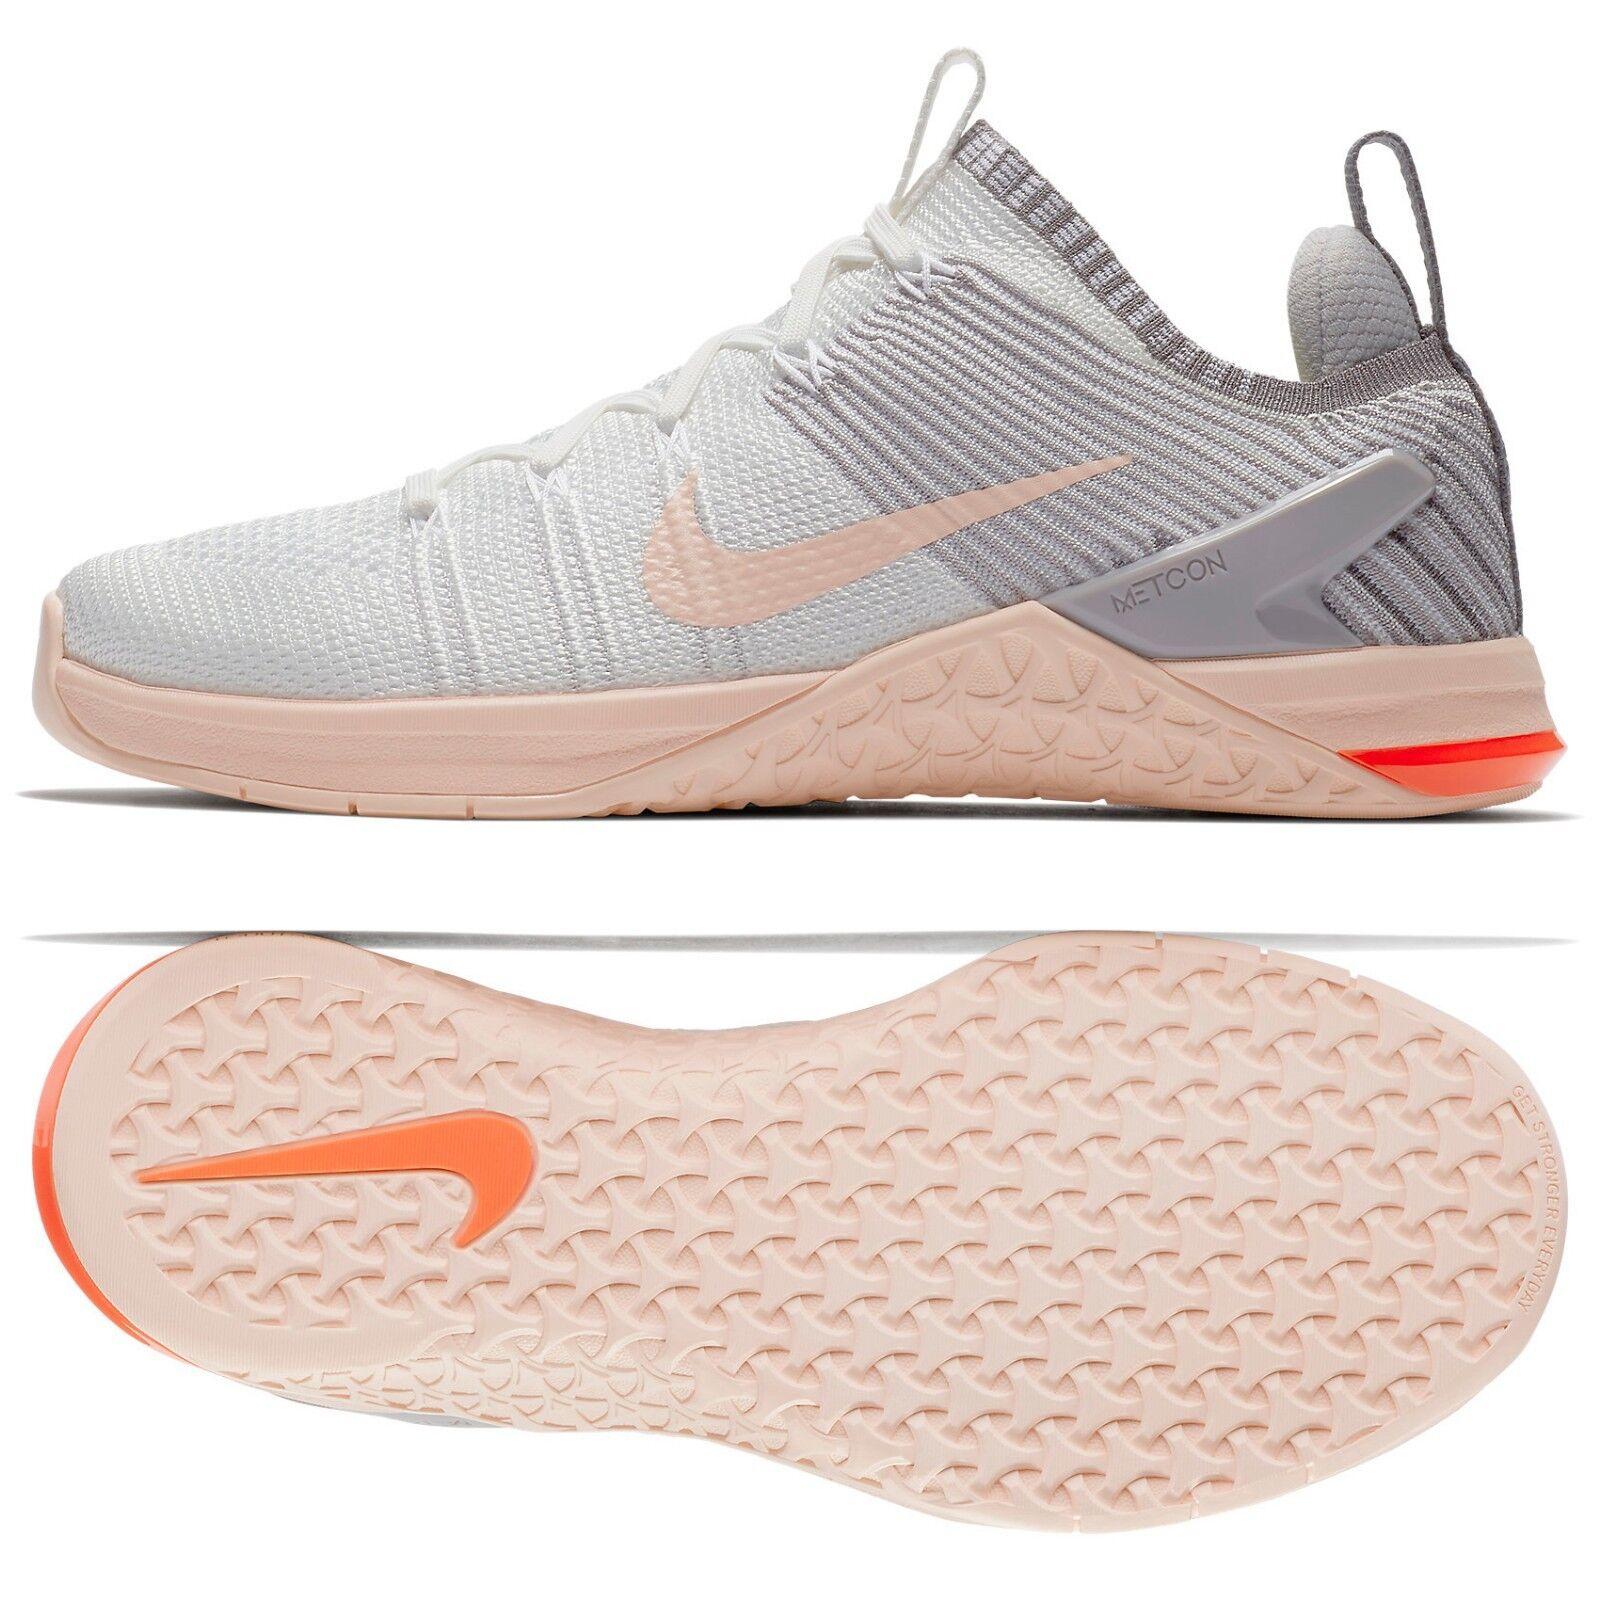 Nike de mujer mujer mujer Metcon DSX Flyknit 2 924595-102 blancoo gris Tinte Para Mujer Zapatos de entrenamiento  Ahorre 60% de descuento y envío rápido a todo el mundo.